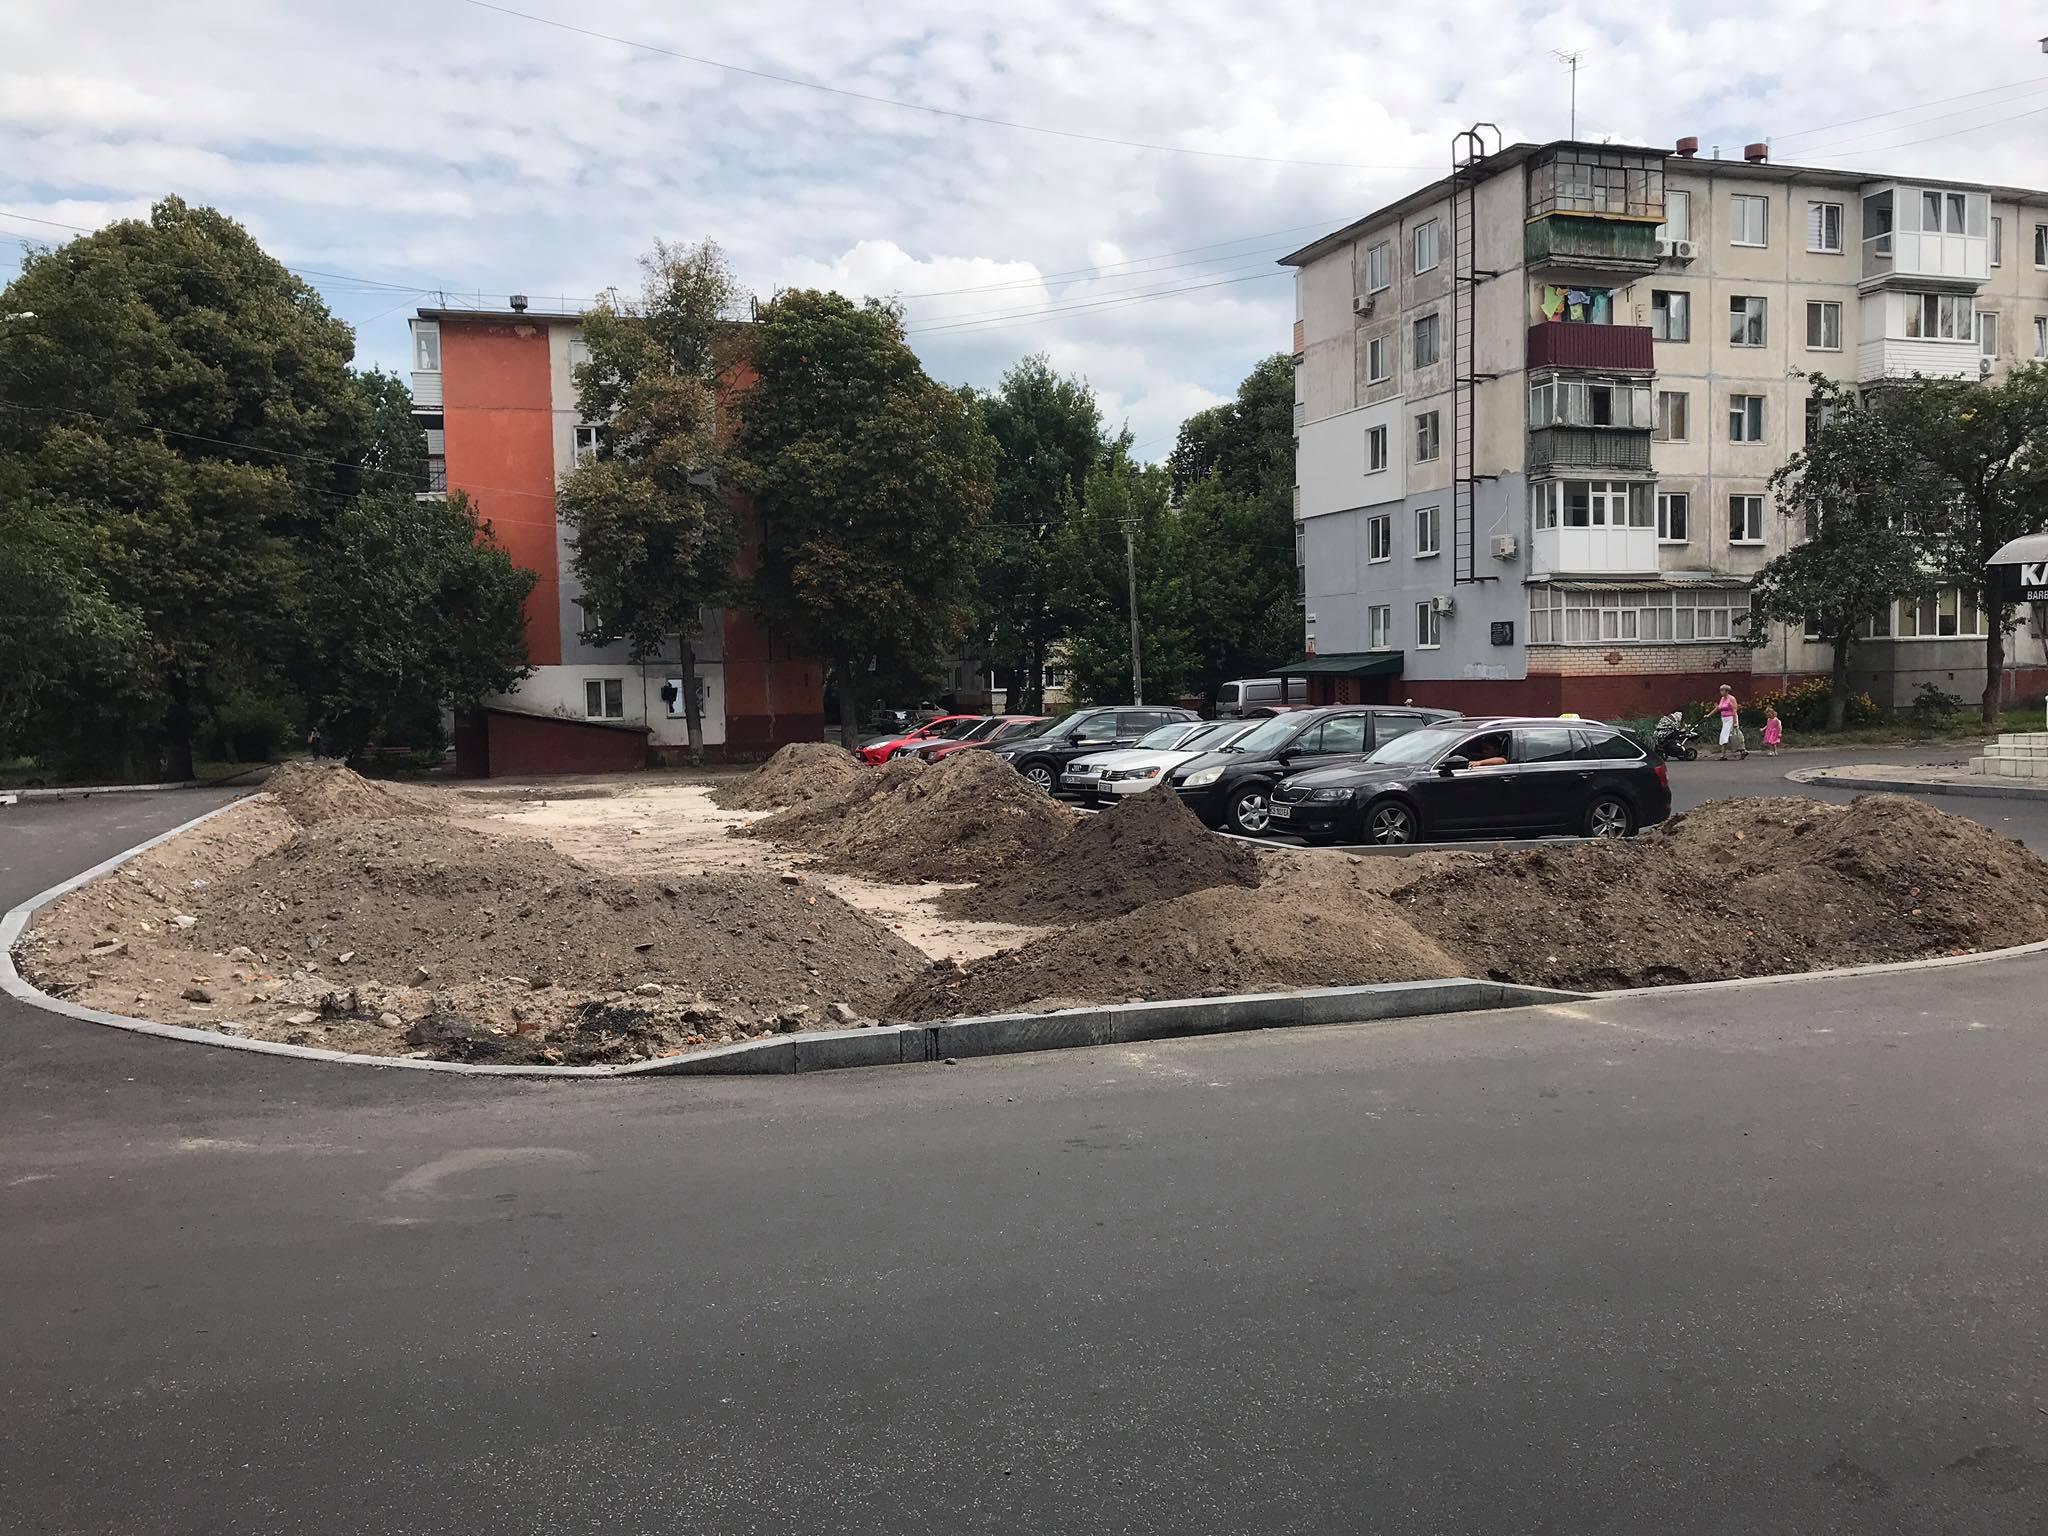 На П'яти кутах та Родимцева: у Чернігові незабаром з'являться два нових сквери. ФОТО